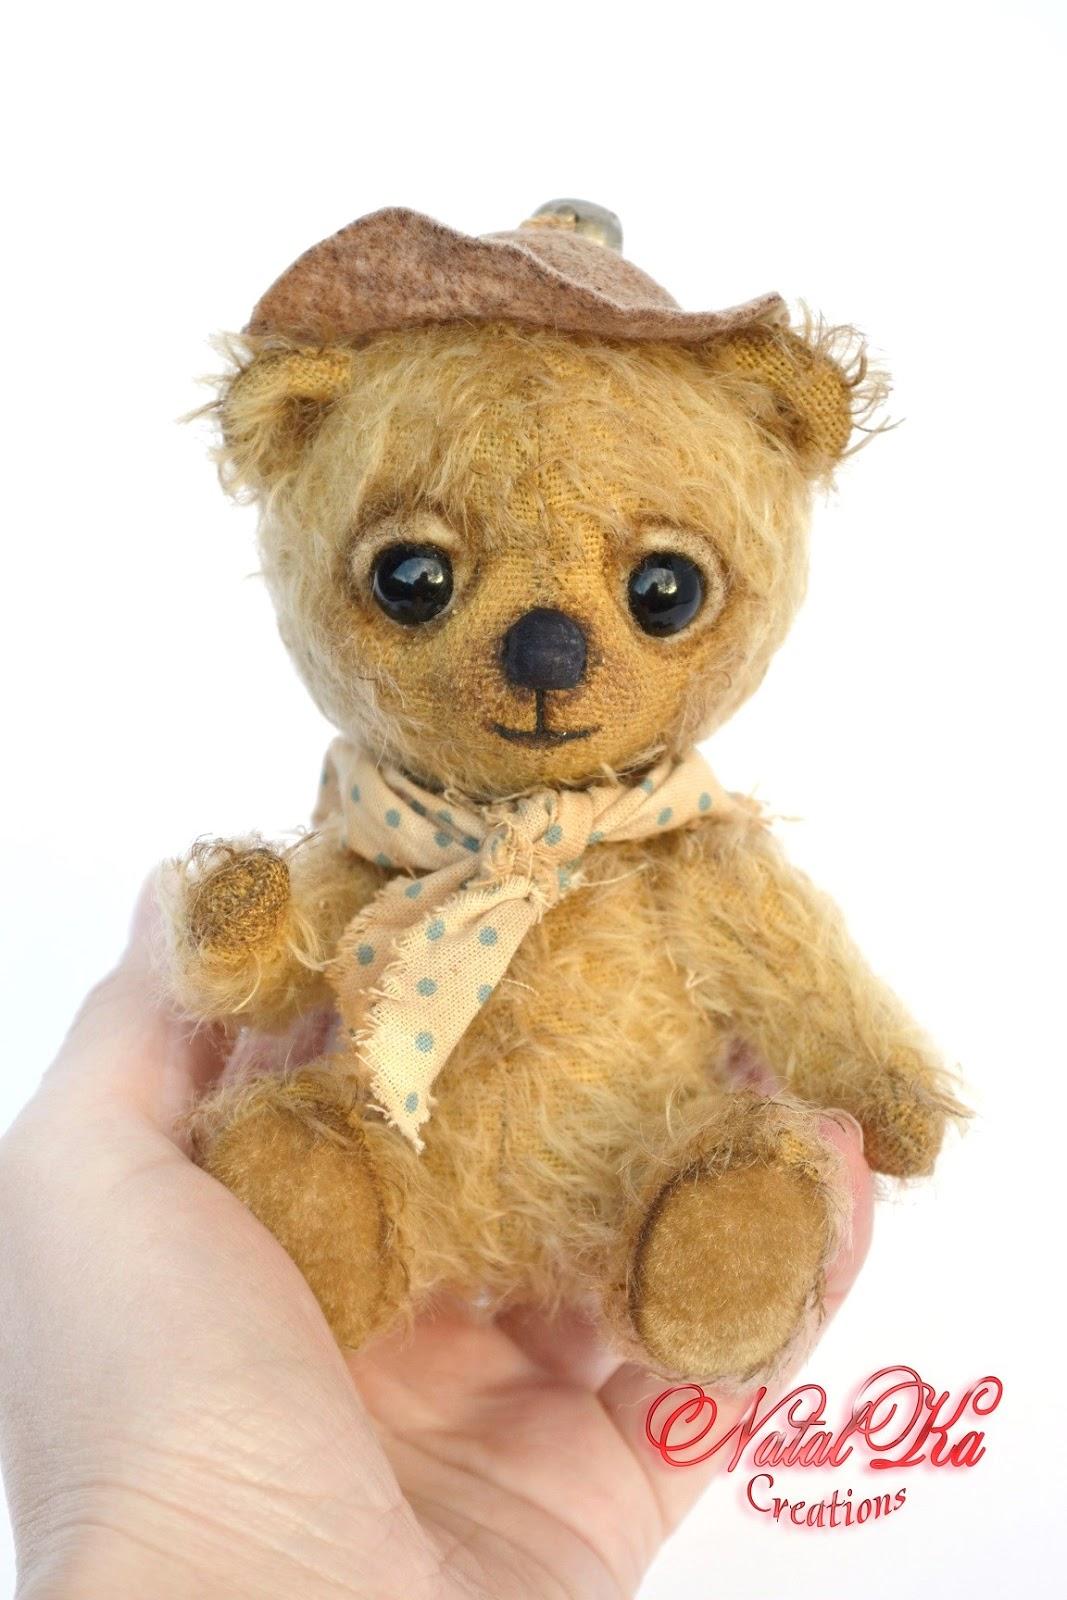 Künstlerbär, Teddybär, Bär, Teddy aus Mohair, Unikat, handgemacht von NatalKa Creations. Artist teddy bear, bear hanmade, artist bear, ooak, mohair, vintage look, handmade by NatalKa Creations